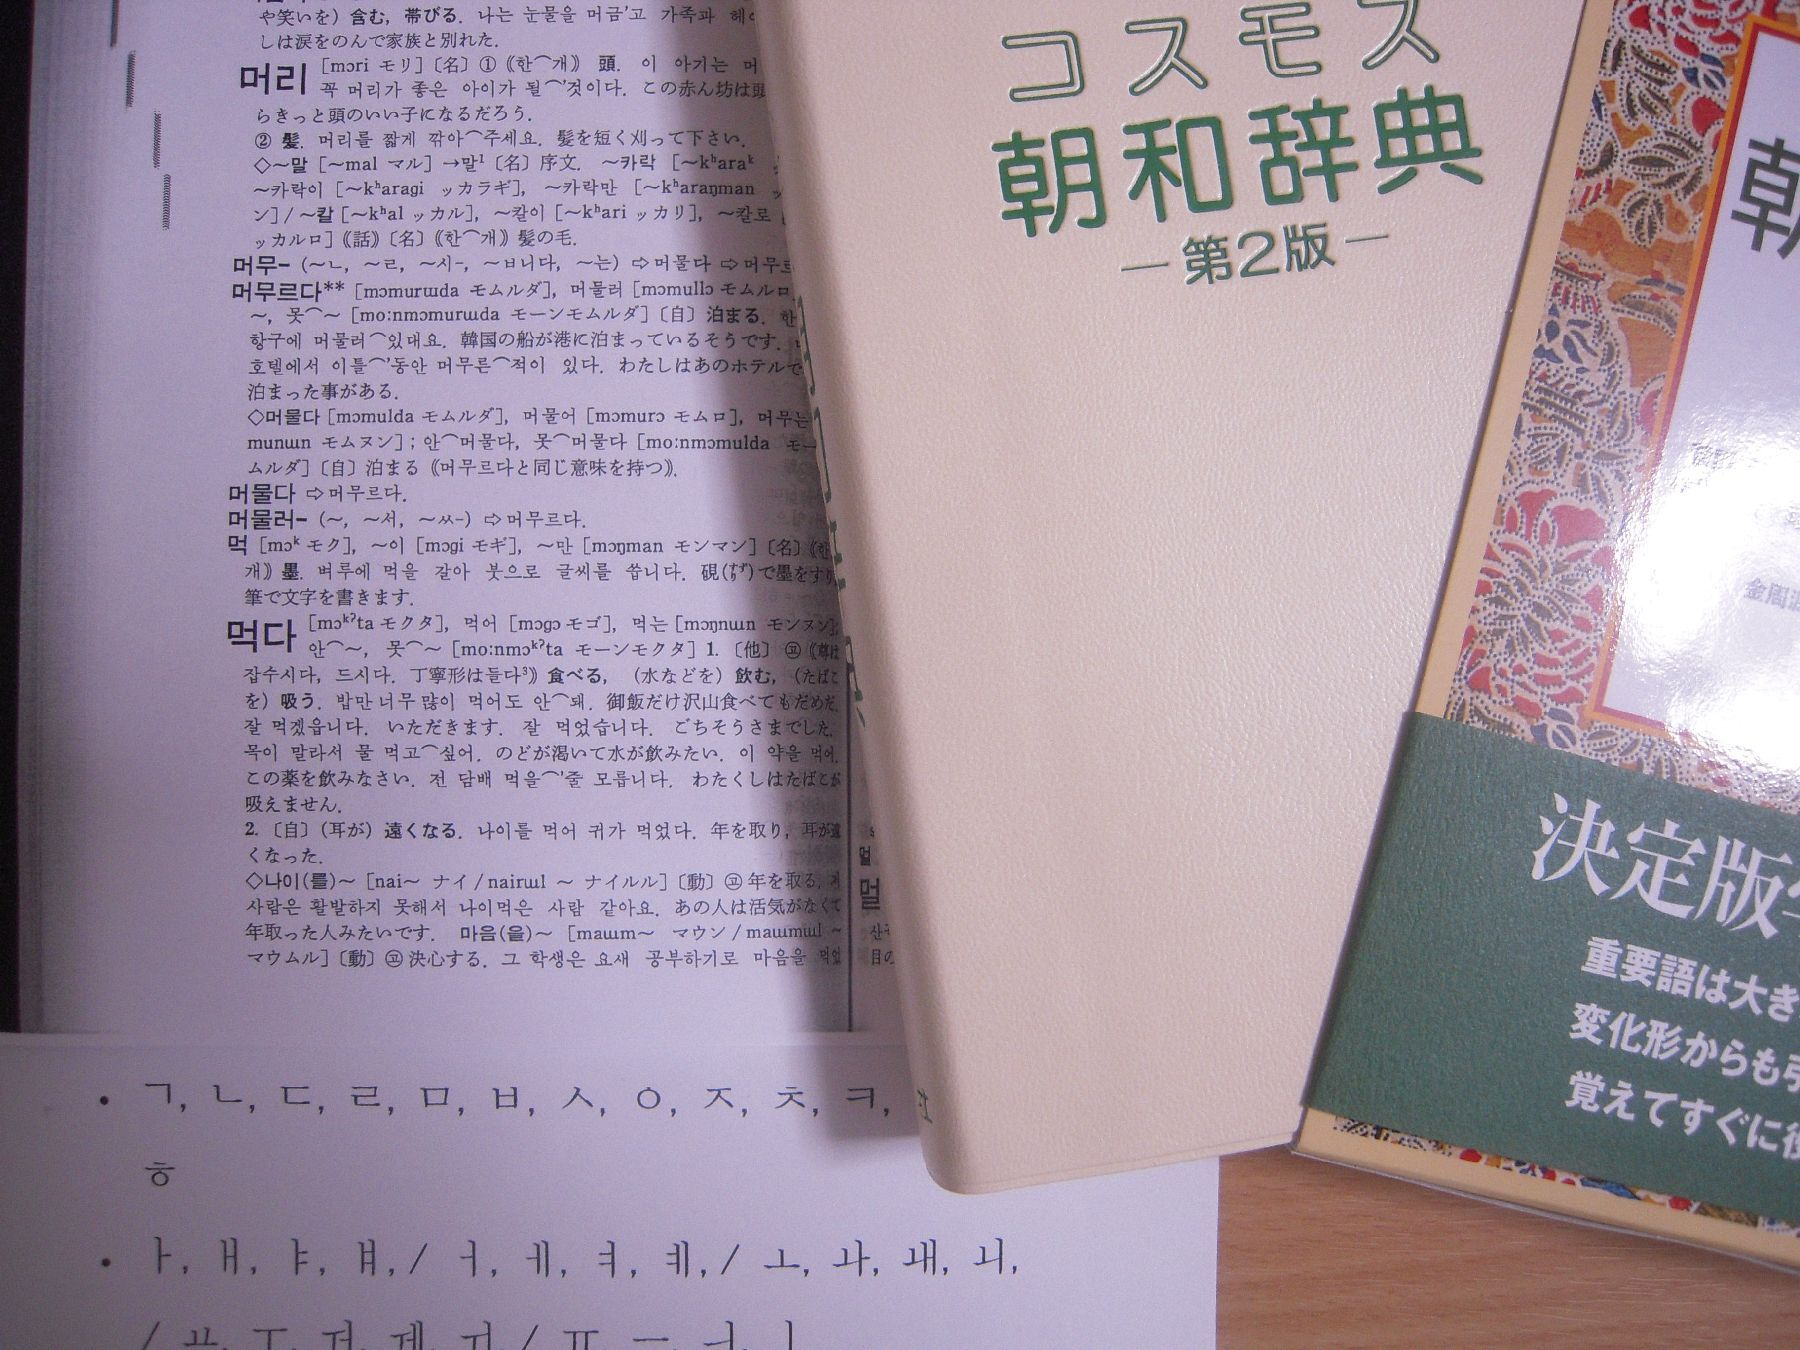 コスモス朝和辞典買いました(5月13日)_c0059093_174318.jpg